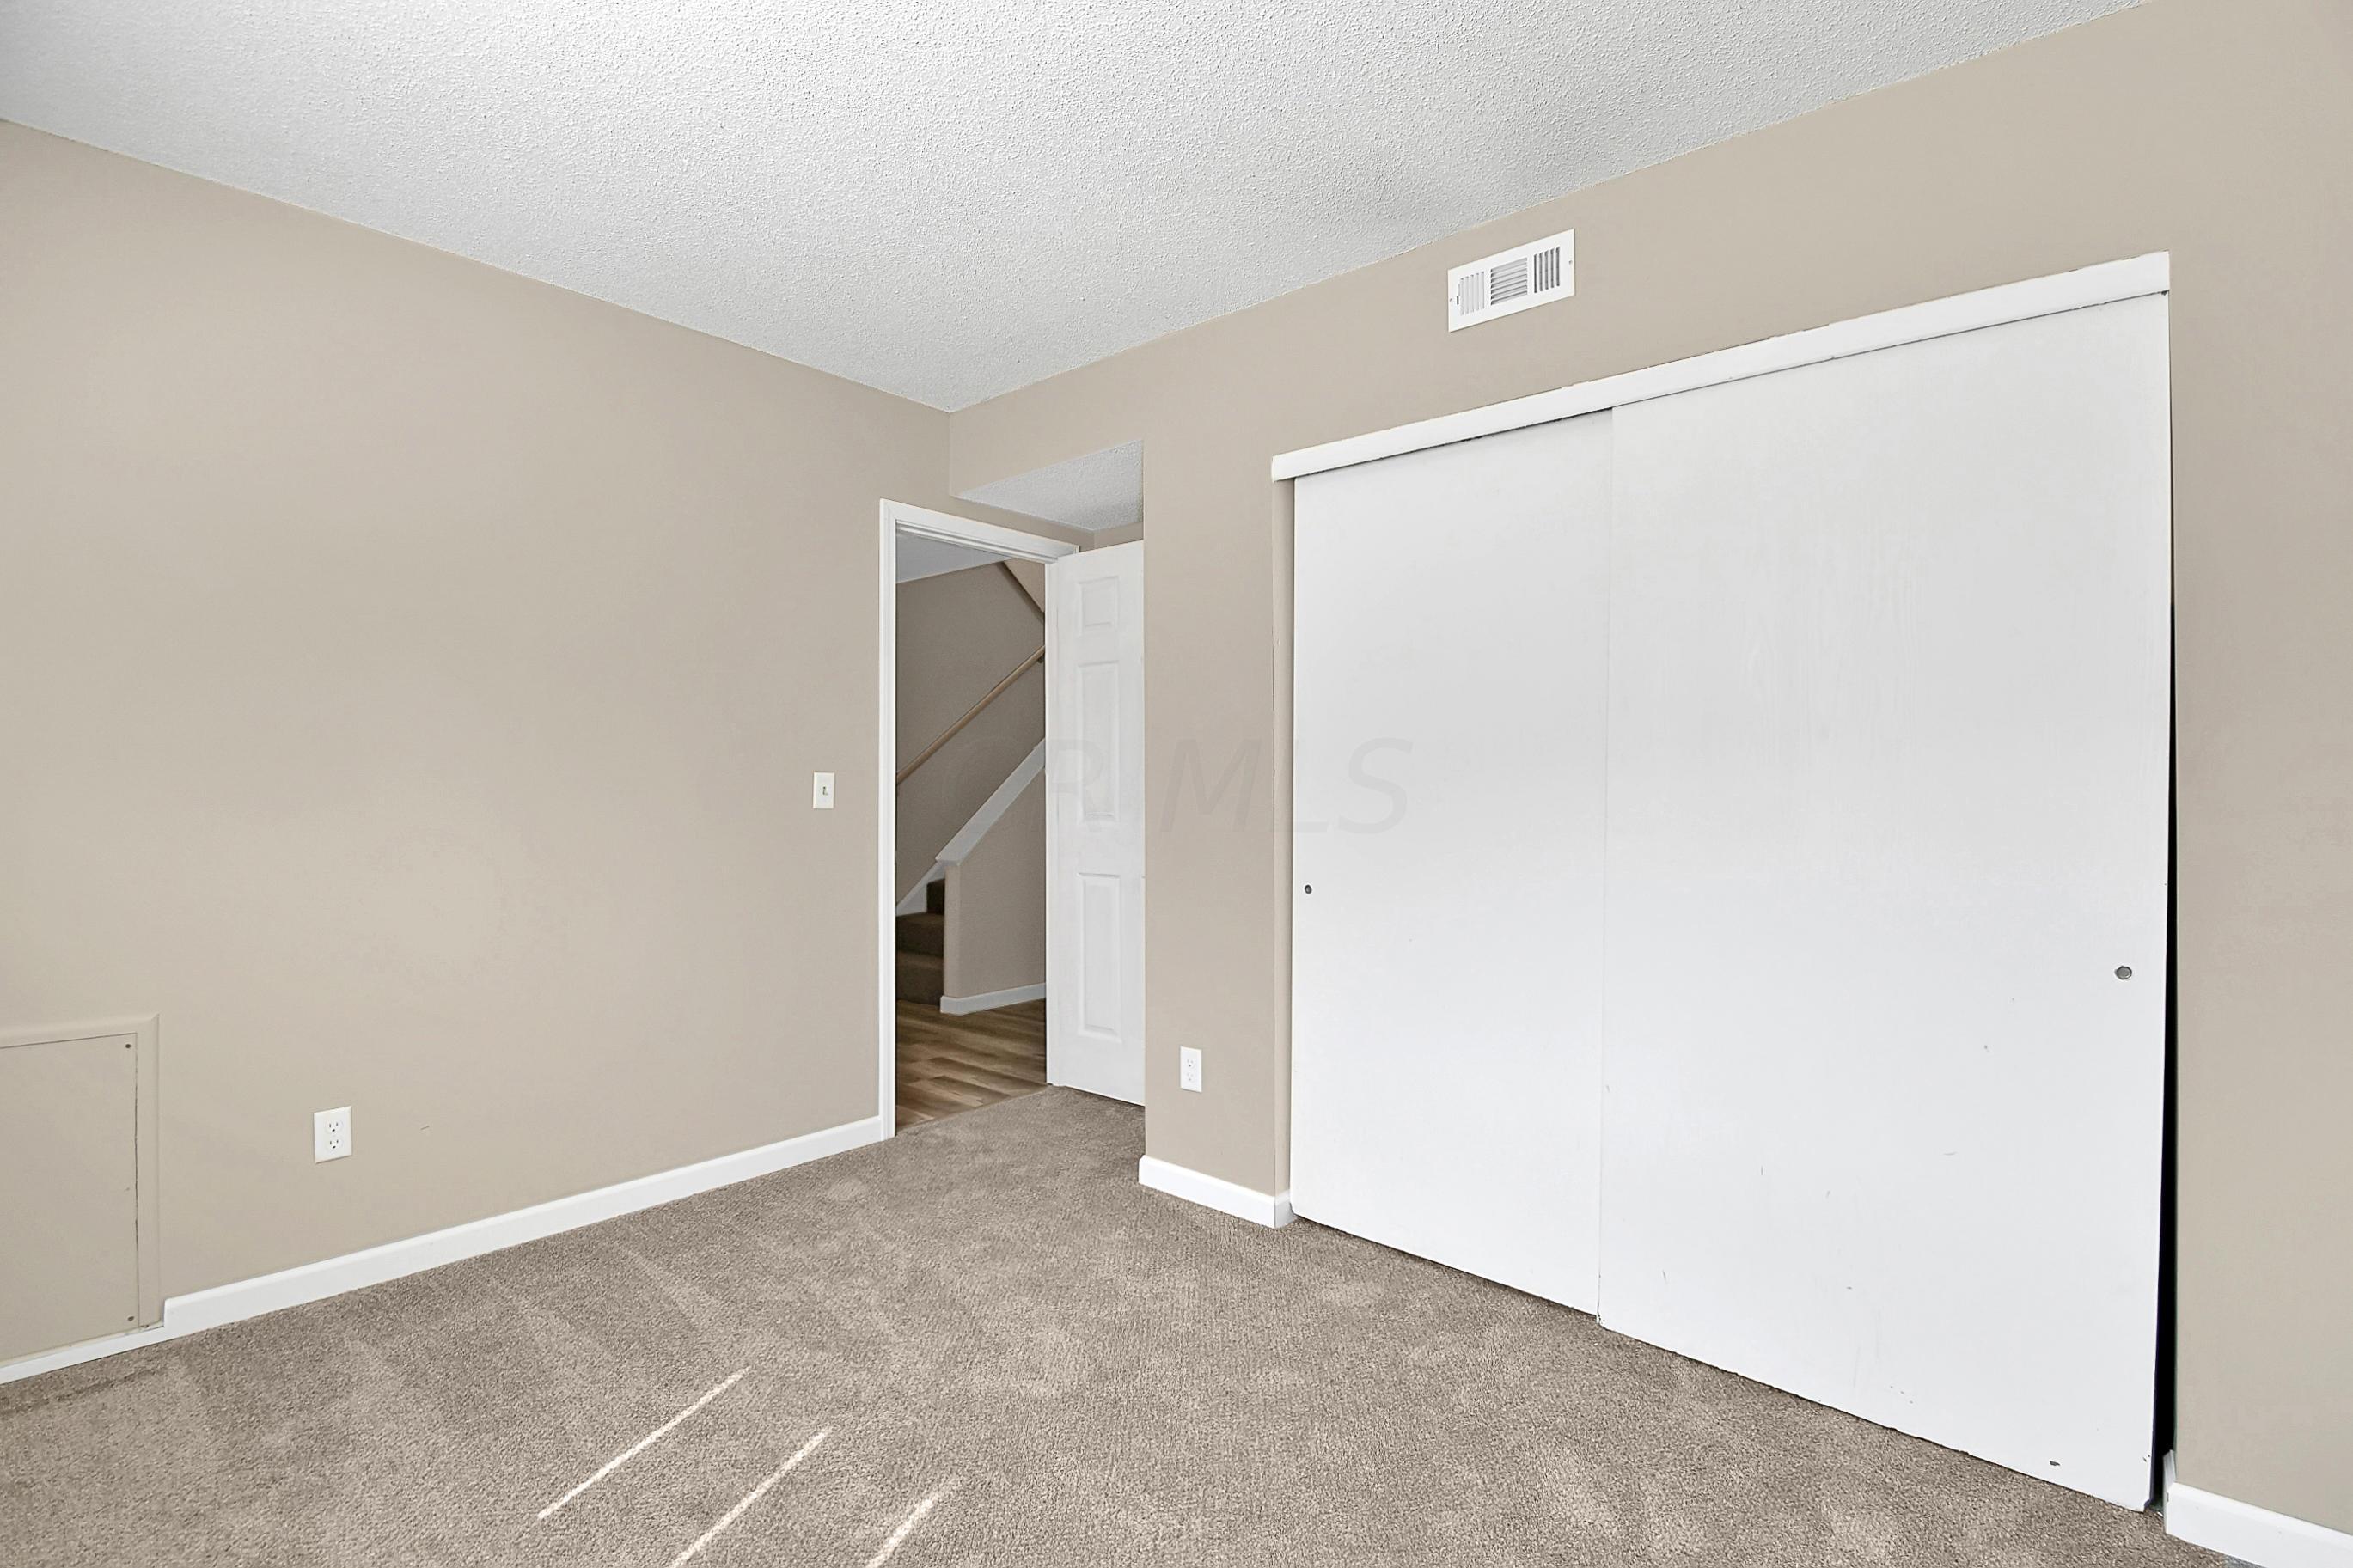 7661 Flynnway Drive, Worthington, Ohio 43085, 3 Bedrooms Bedrooms, ,2 BathroomsBathrooms,Residential,For Sale,Flynnway,220025494